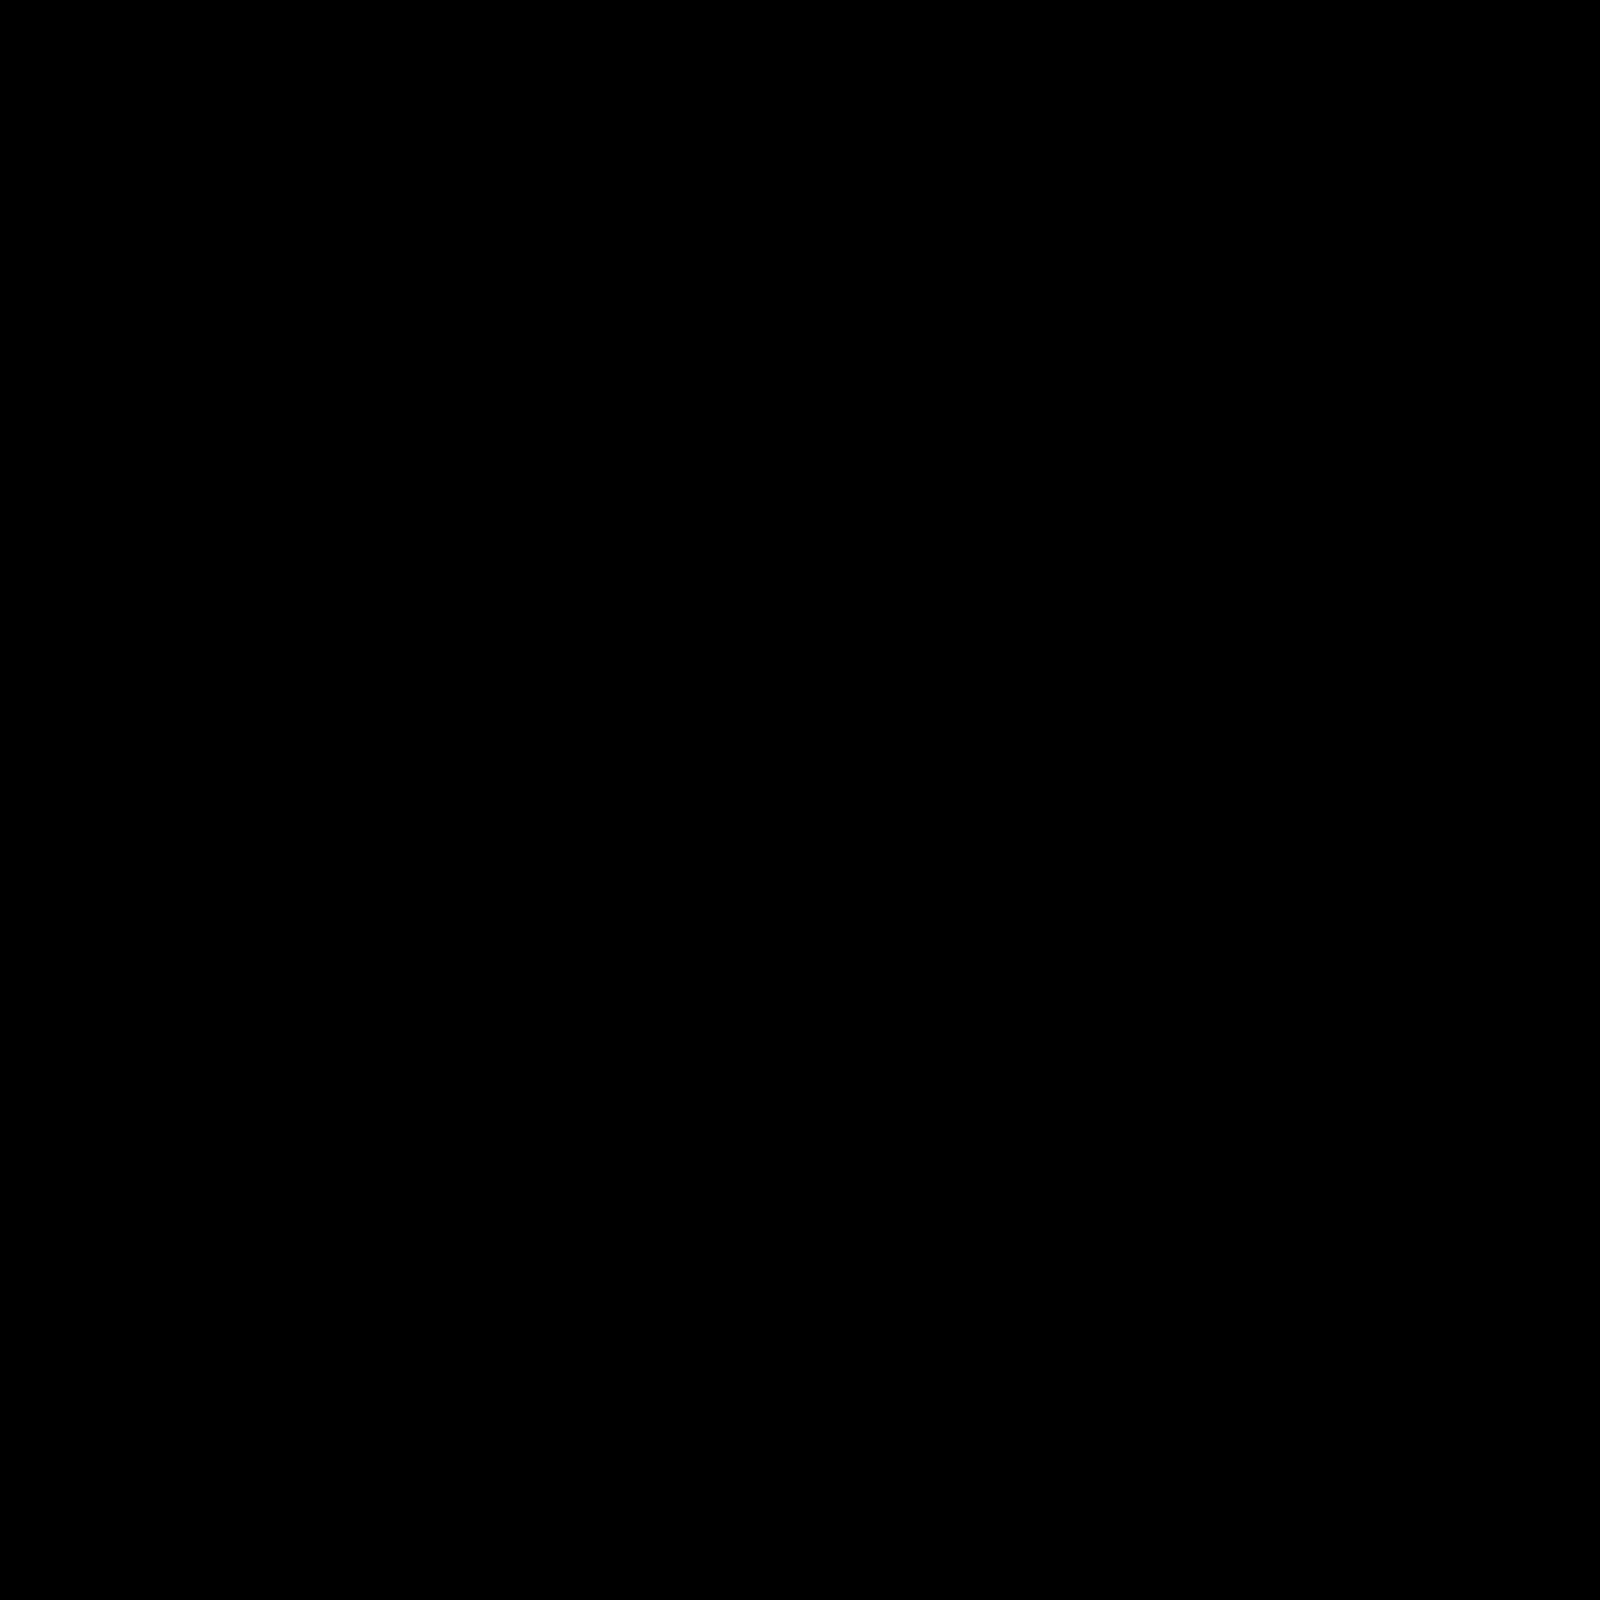 Duplo para a direita icon